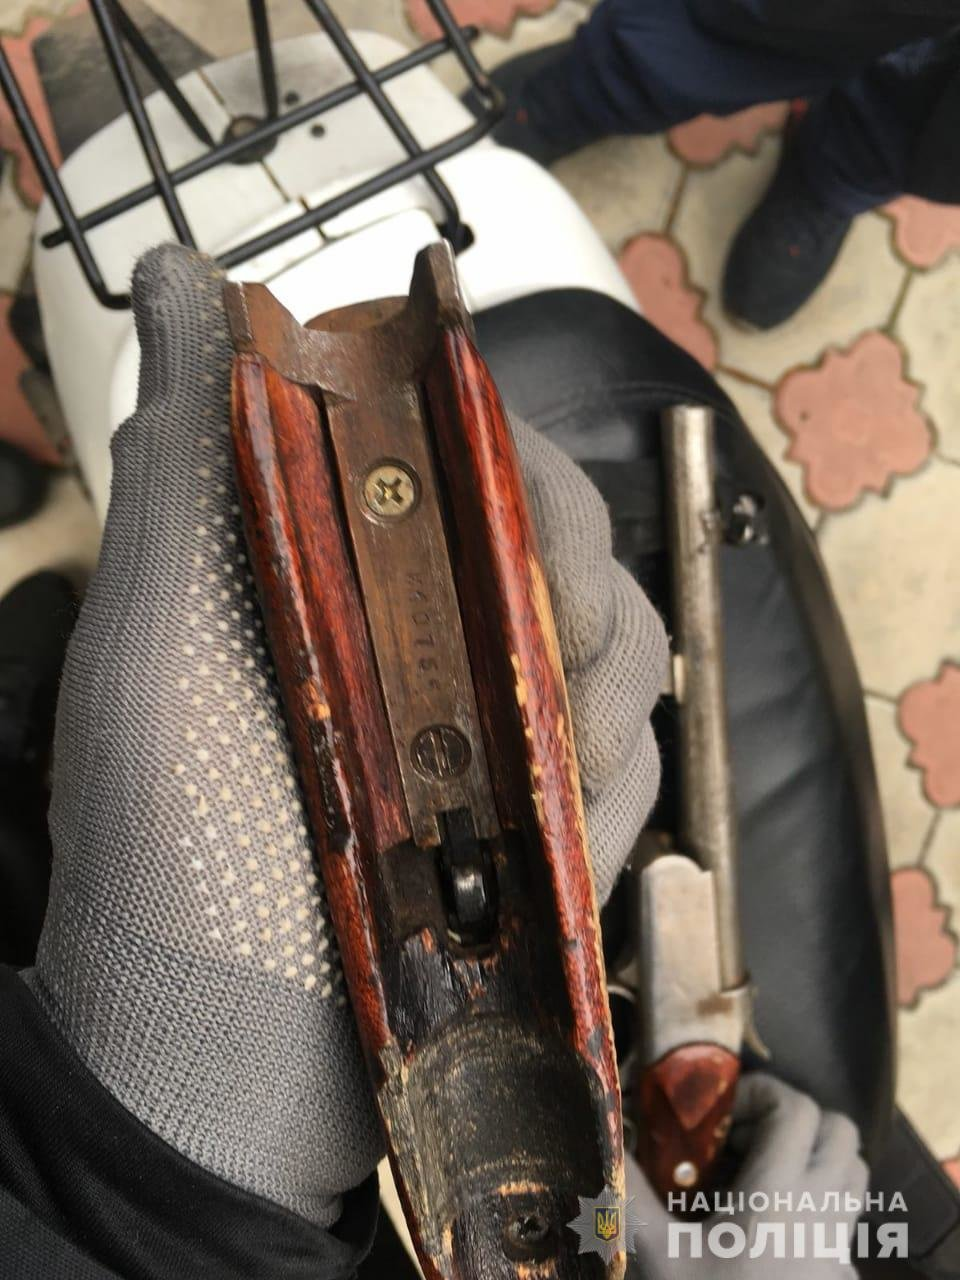 У жителей Днепропетровской области в домах нашли оружие и наркотики, фото-2